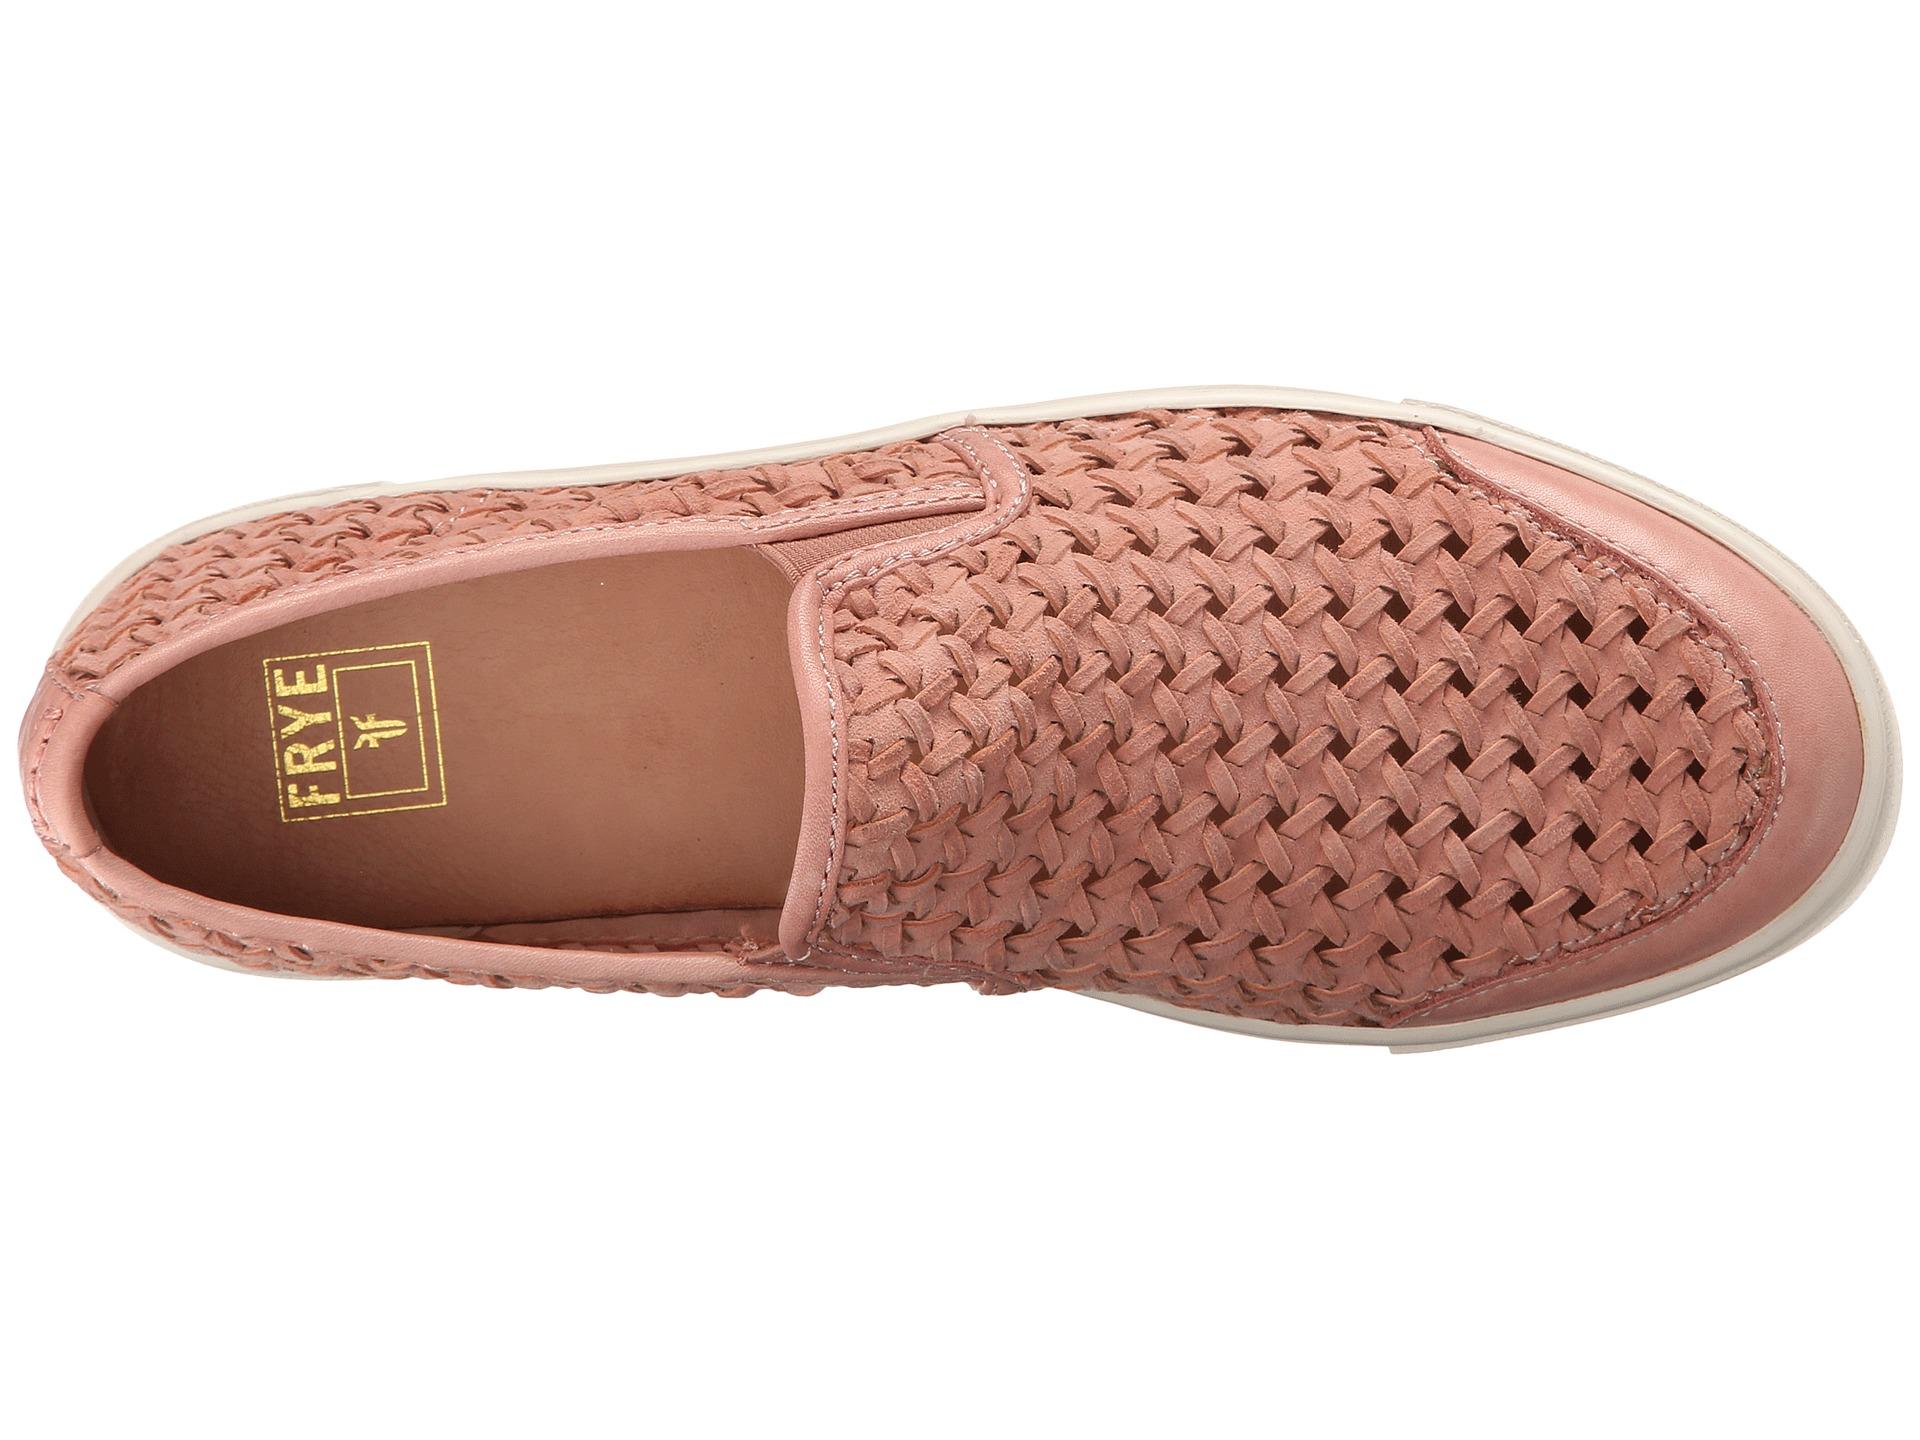 Frye Shoes Men Images Los Dress 39 S